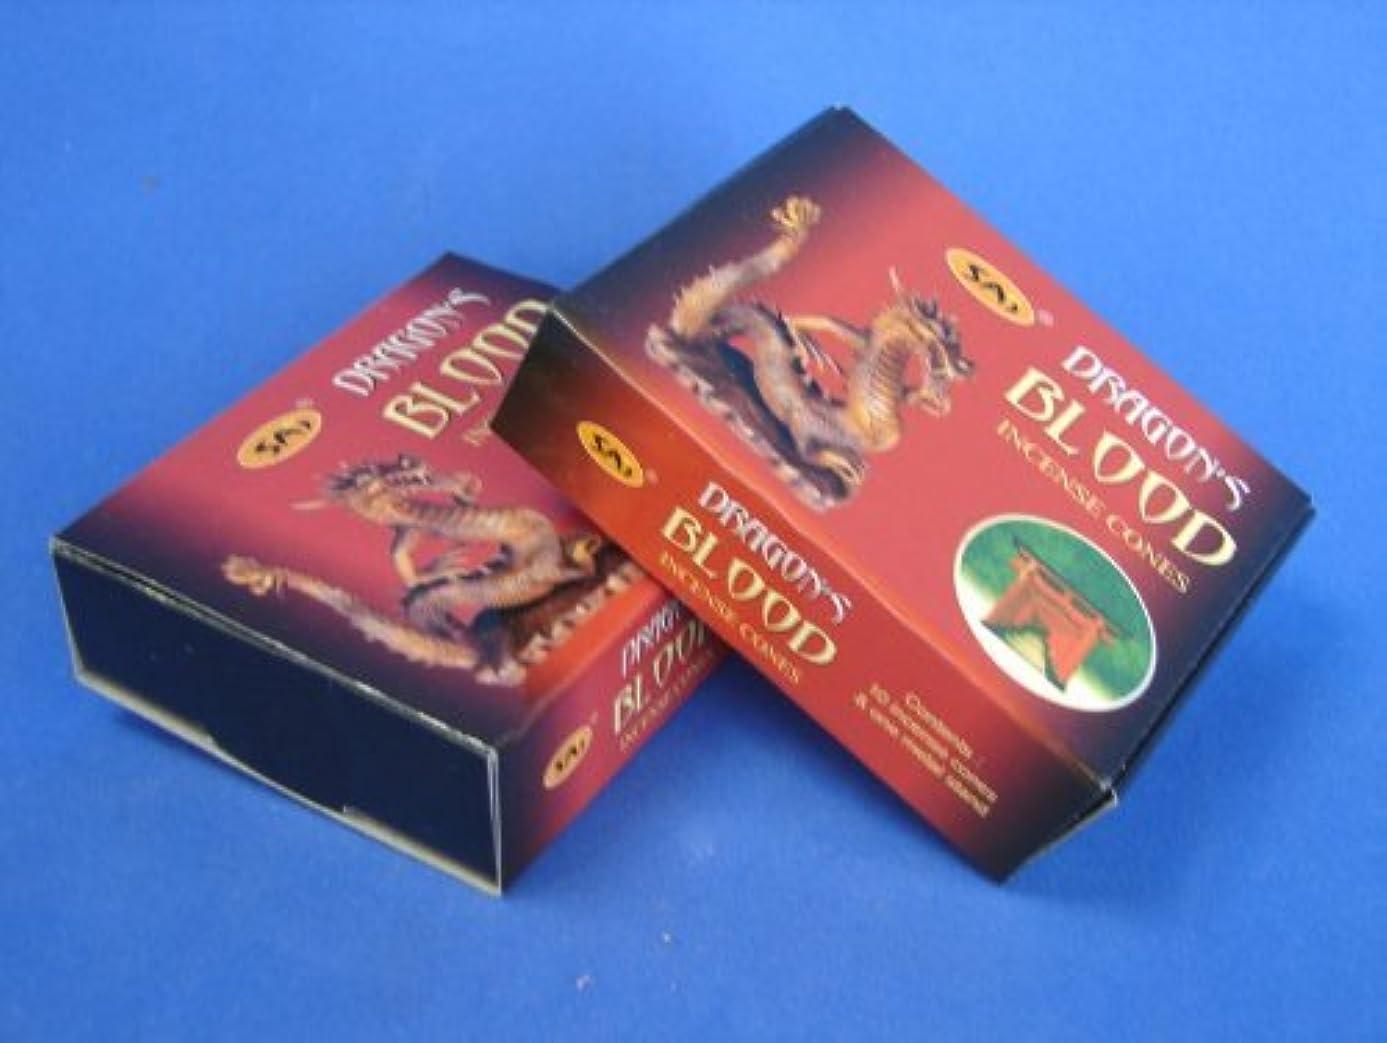 アクチュエータスキーではごきげんよう2 Boxes of Dragon Blood Incense Cones